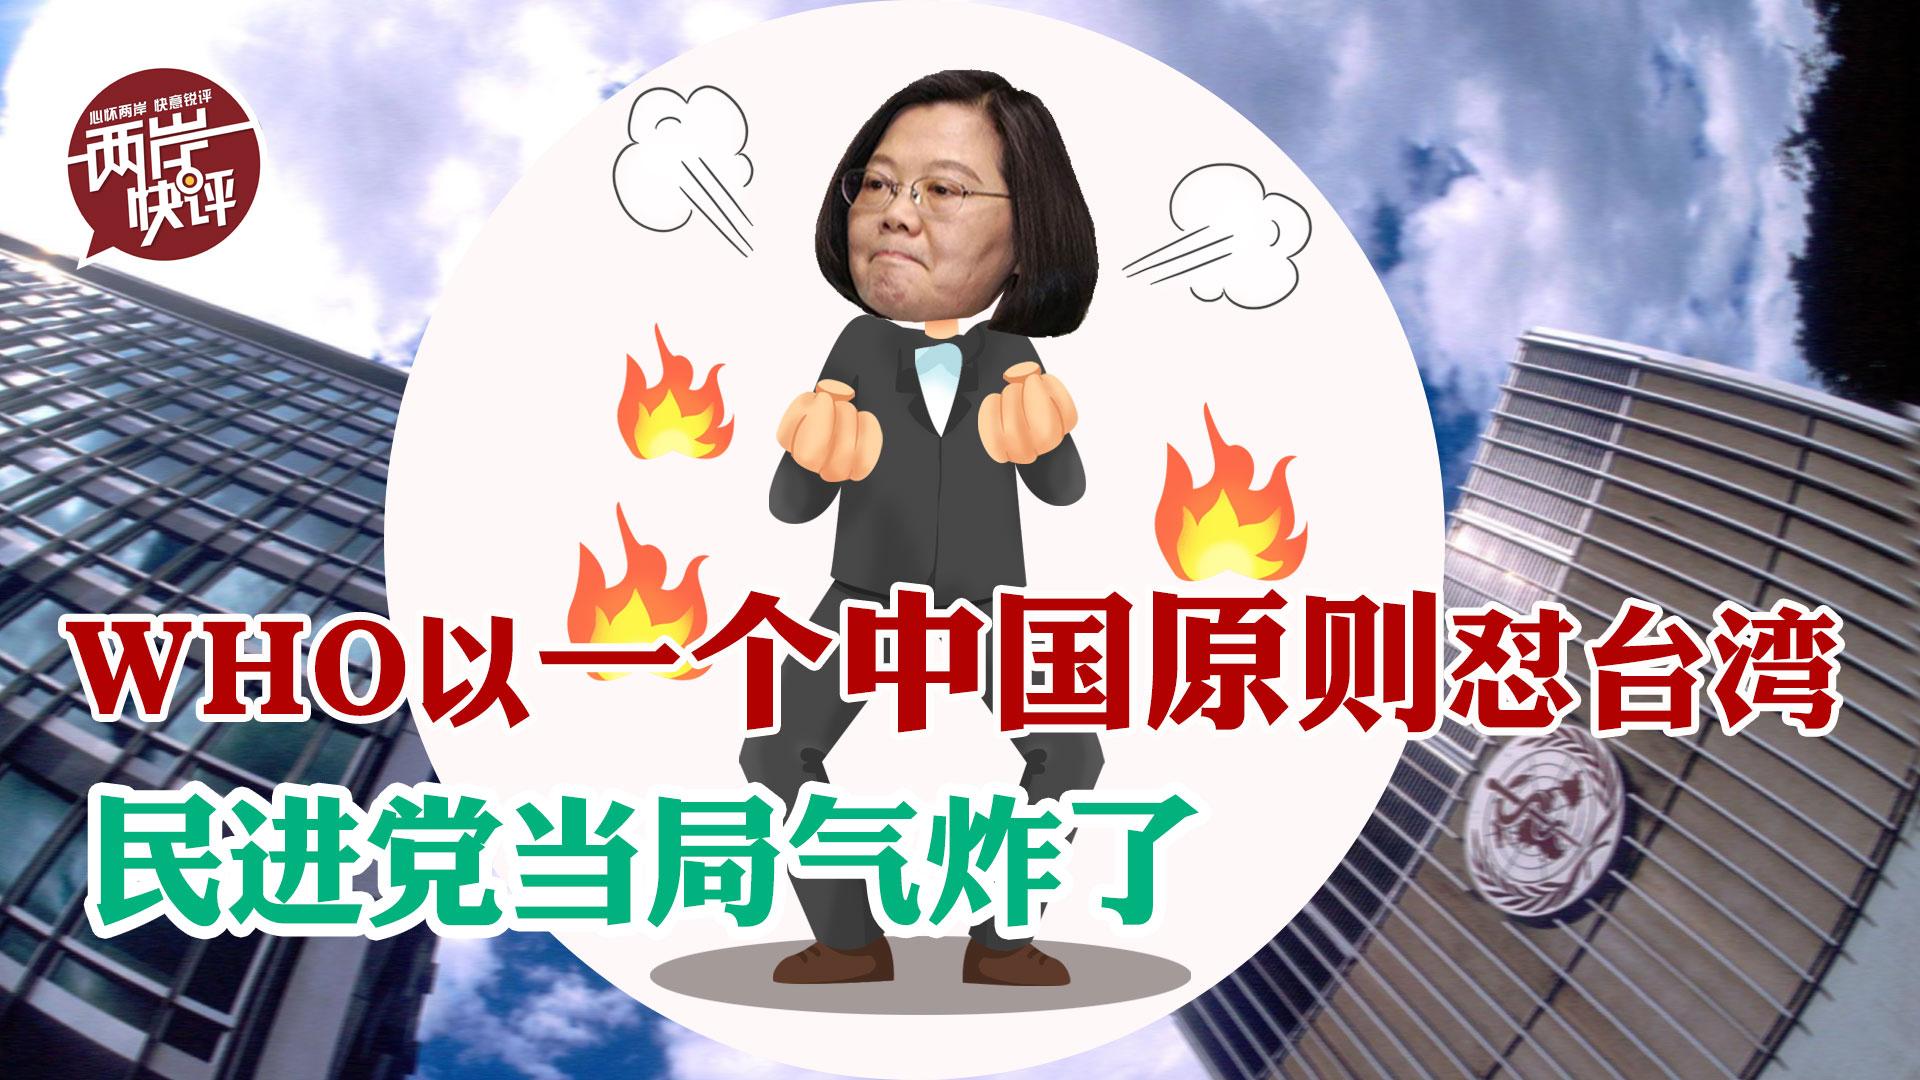 自取其辱!世卫组织再次以一个中国原则回怼,民进党当局气坏了图片